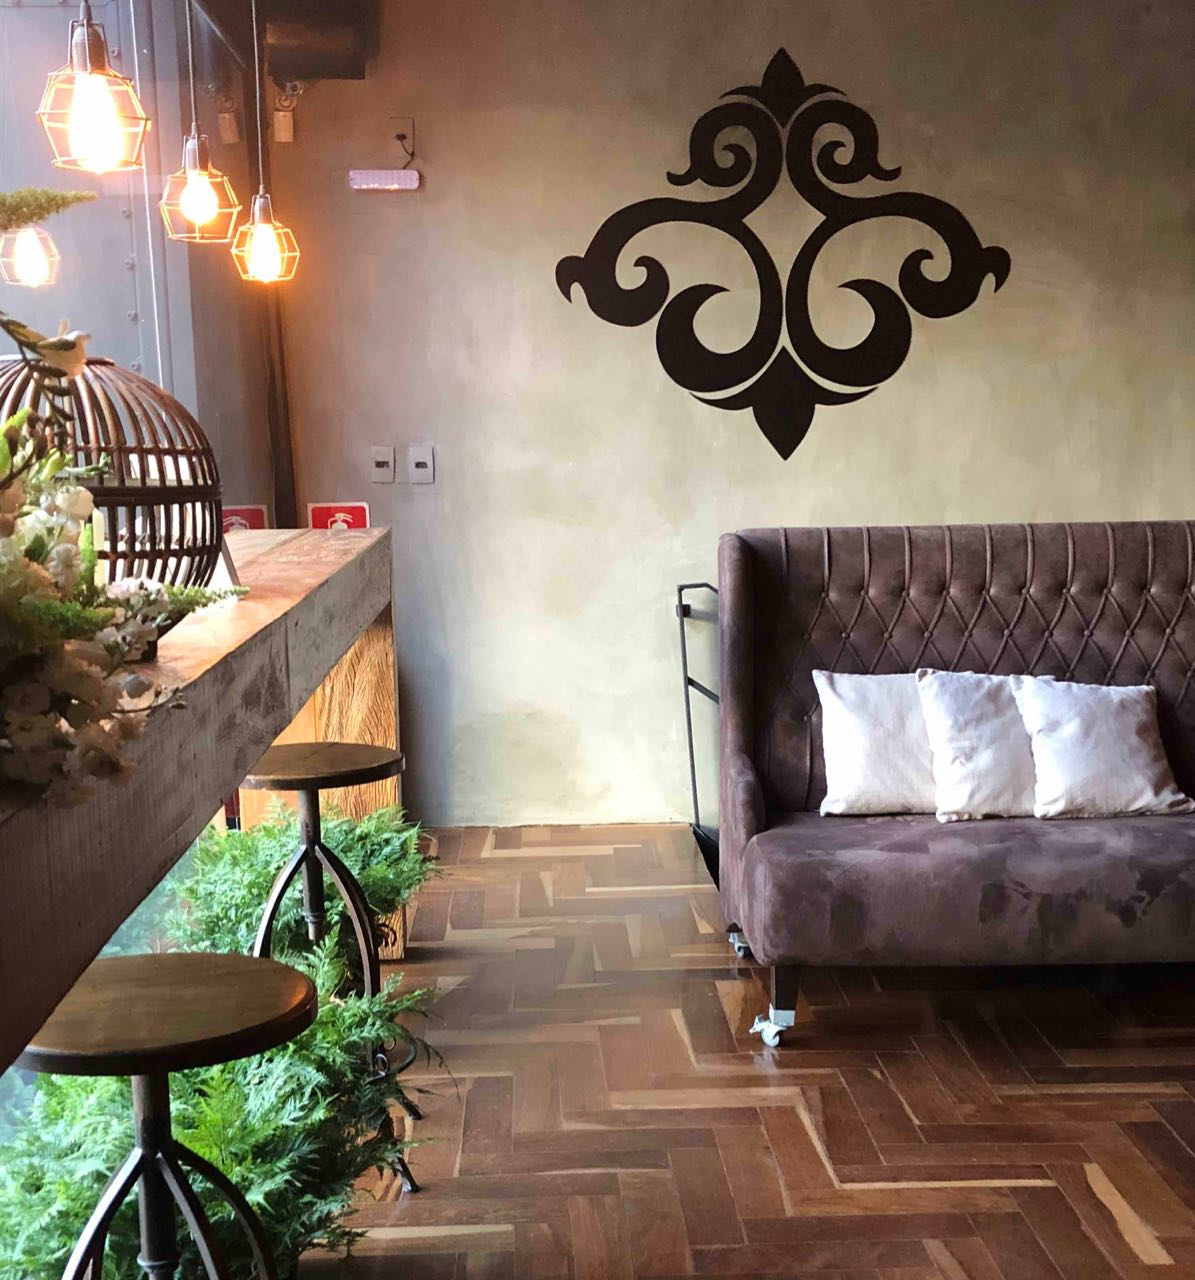 sofa detalhe quadrado - 1.jpg